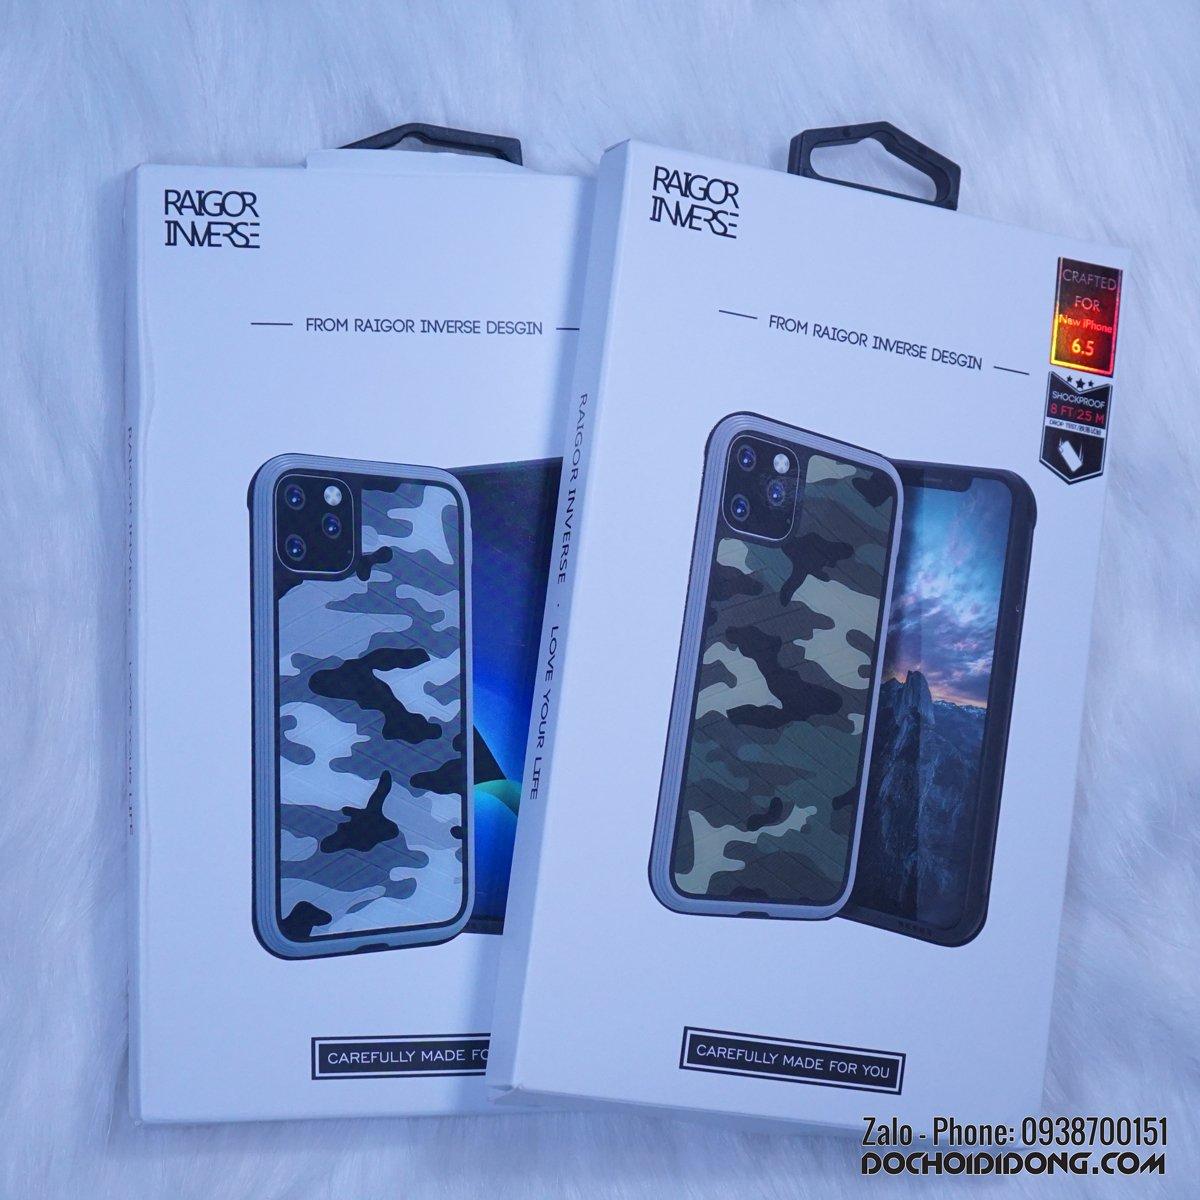 Ốp lưng iphone 11 Pro Max Raigor Inverse chống sốc quân đội